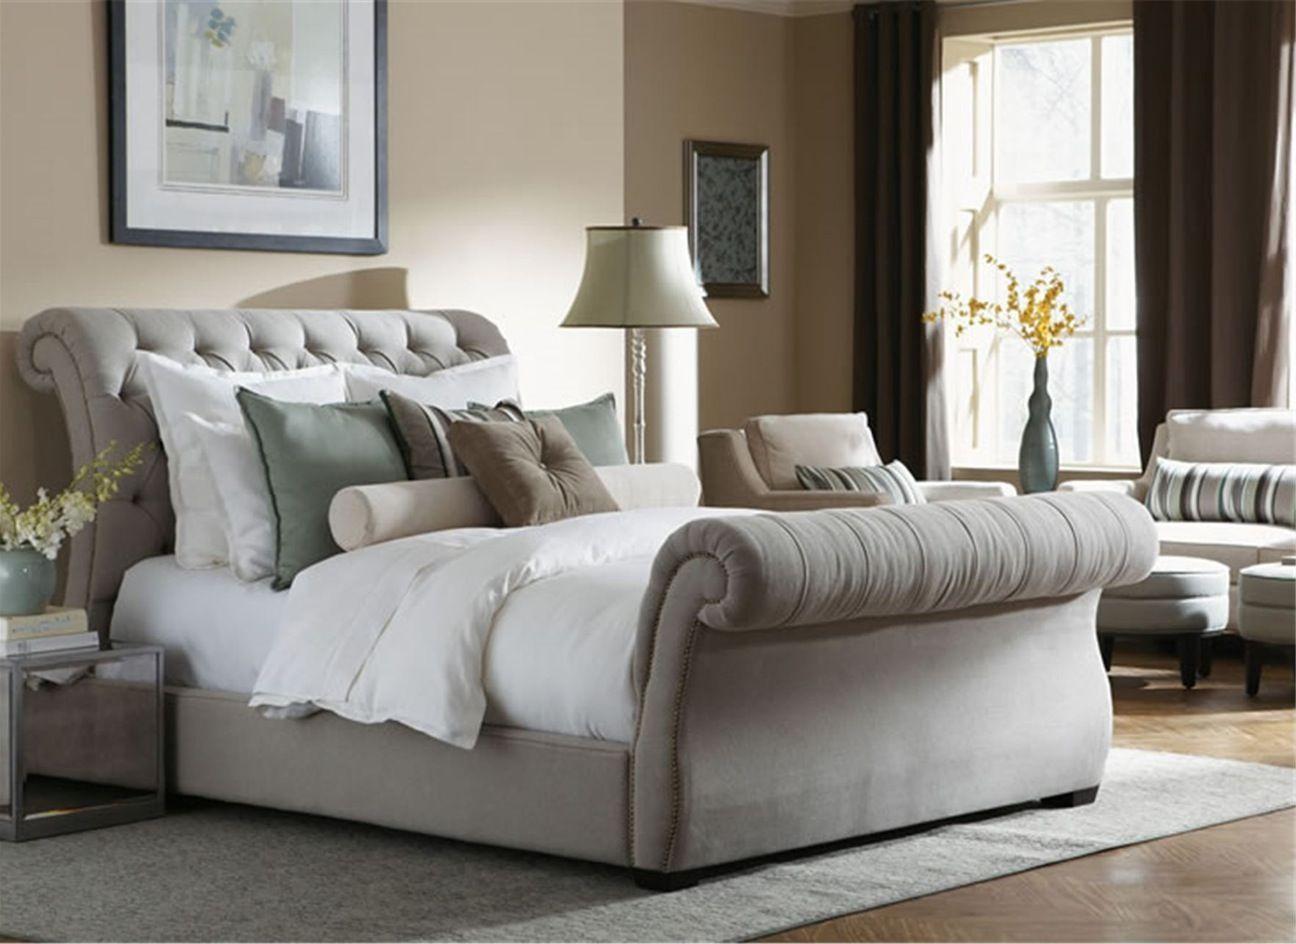 Velvet Ottoman Sleigh Bed Sleigh Bed Master Bedroom